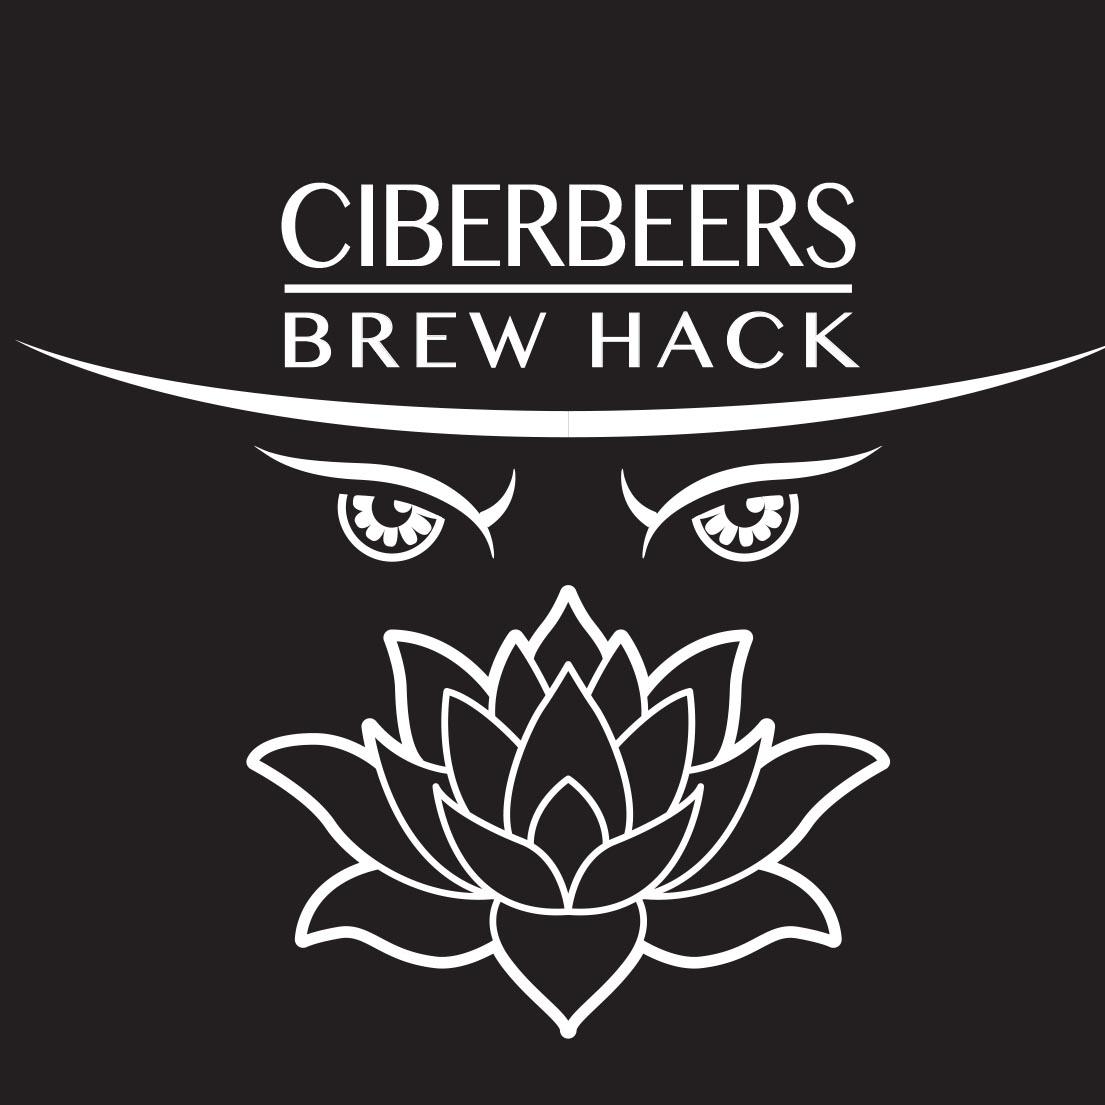 ciberbeers cerveza artesana logo